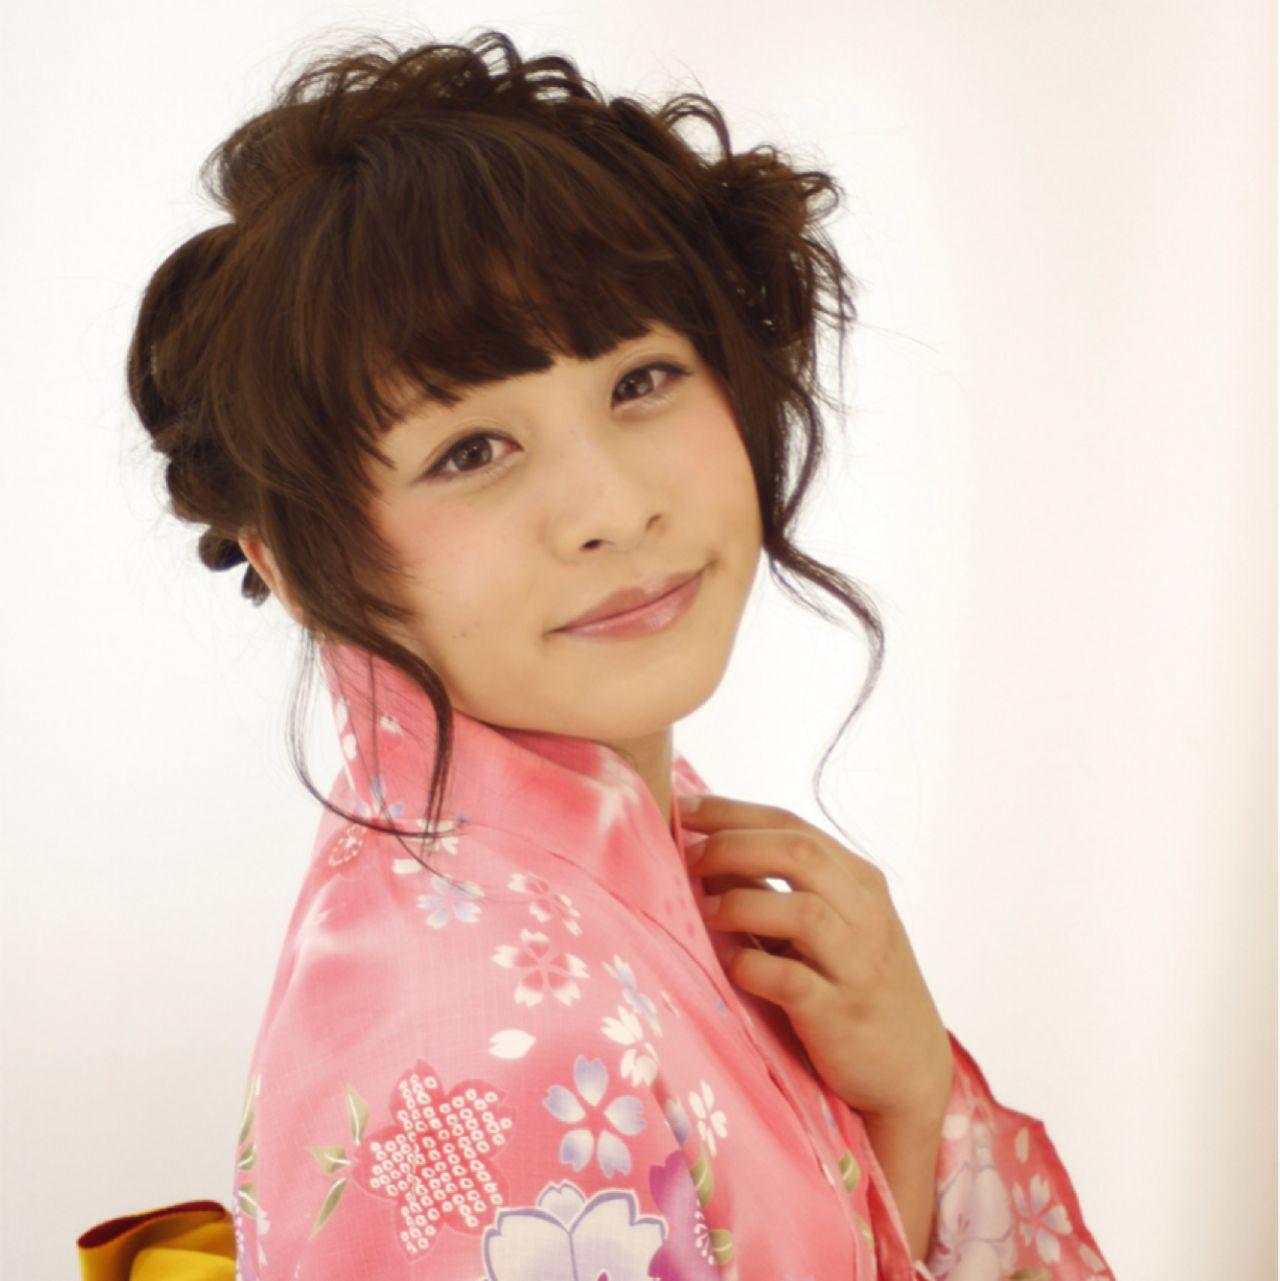 花火大会 ヘアアレンジ ゆるふわ ガーリーヘアスタイルや髪型の写真・画像